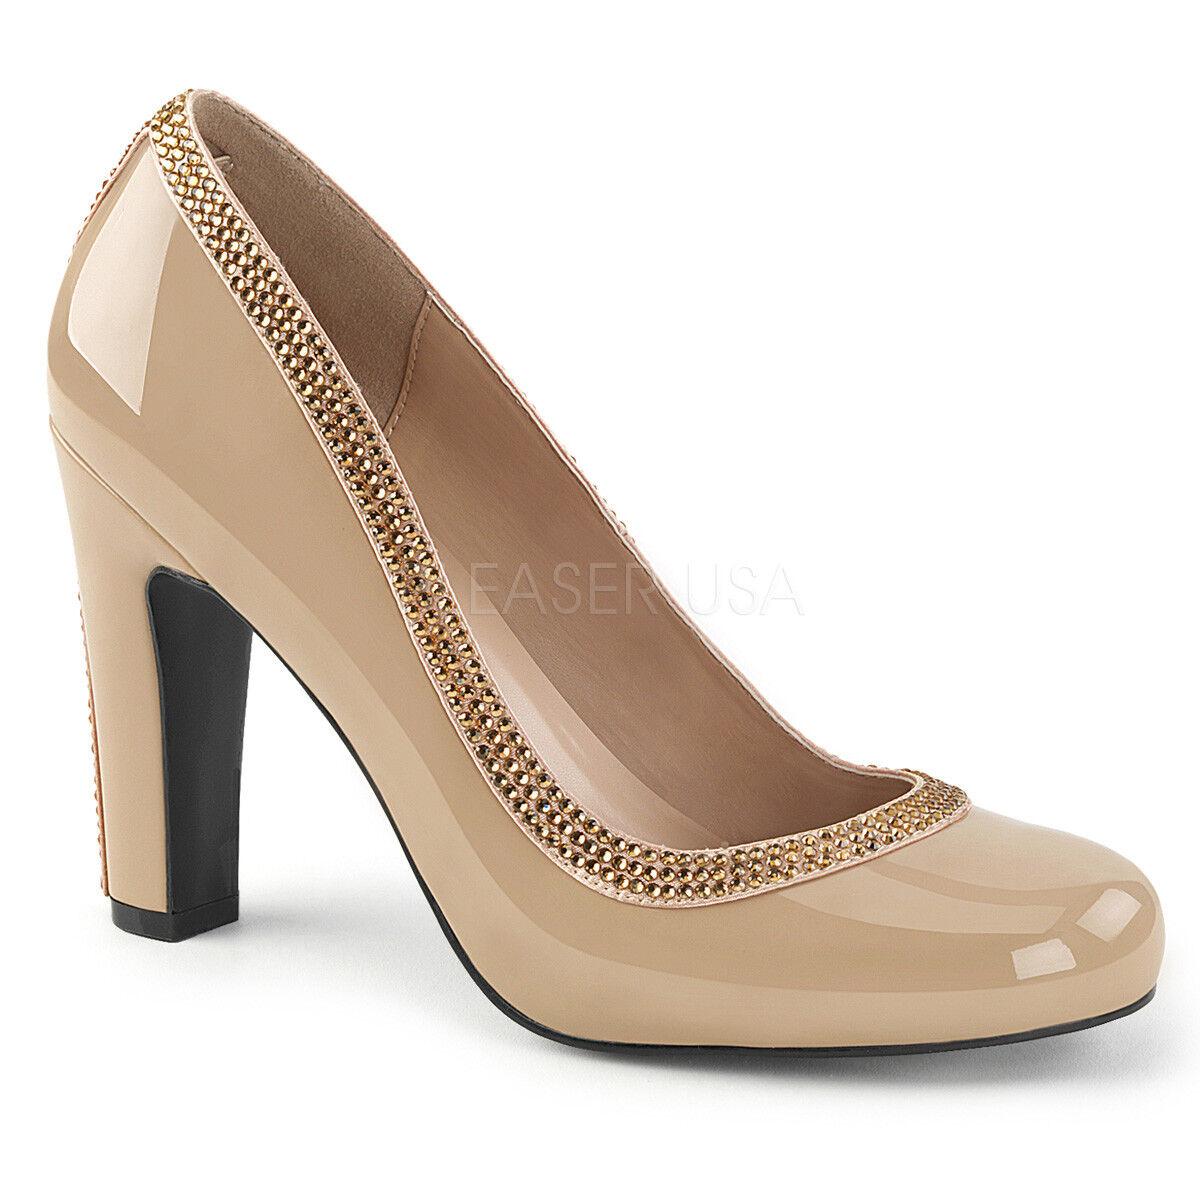 prezzi eccellenti Pleaser QUEEN-04 QUEEN-04 QUEEN-04 Donna  Cream Satin Glitter Trimmed Pumps Chunky Heel Sandals  ti aspetto